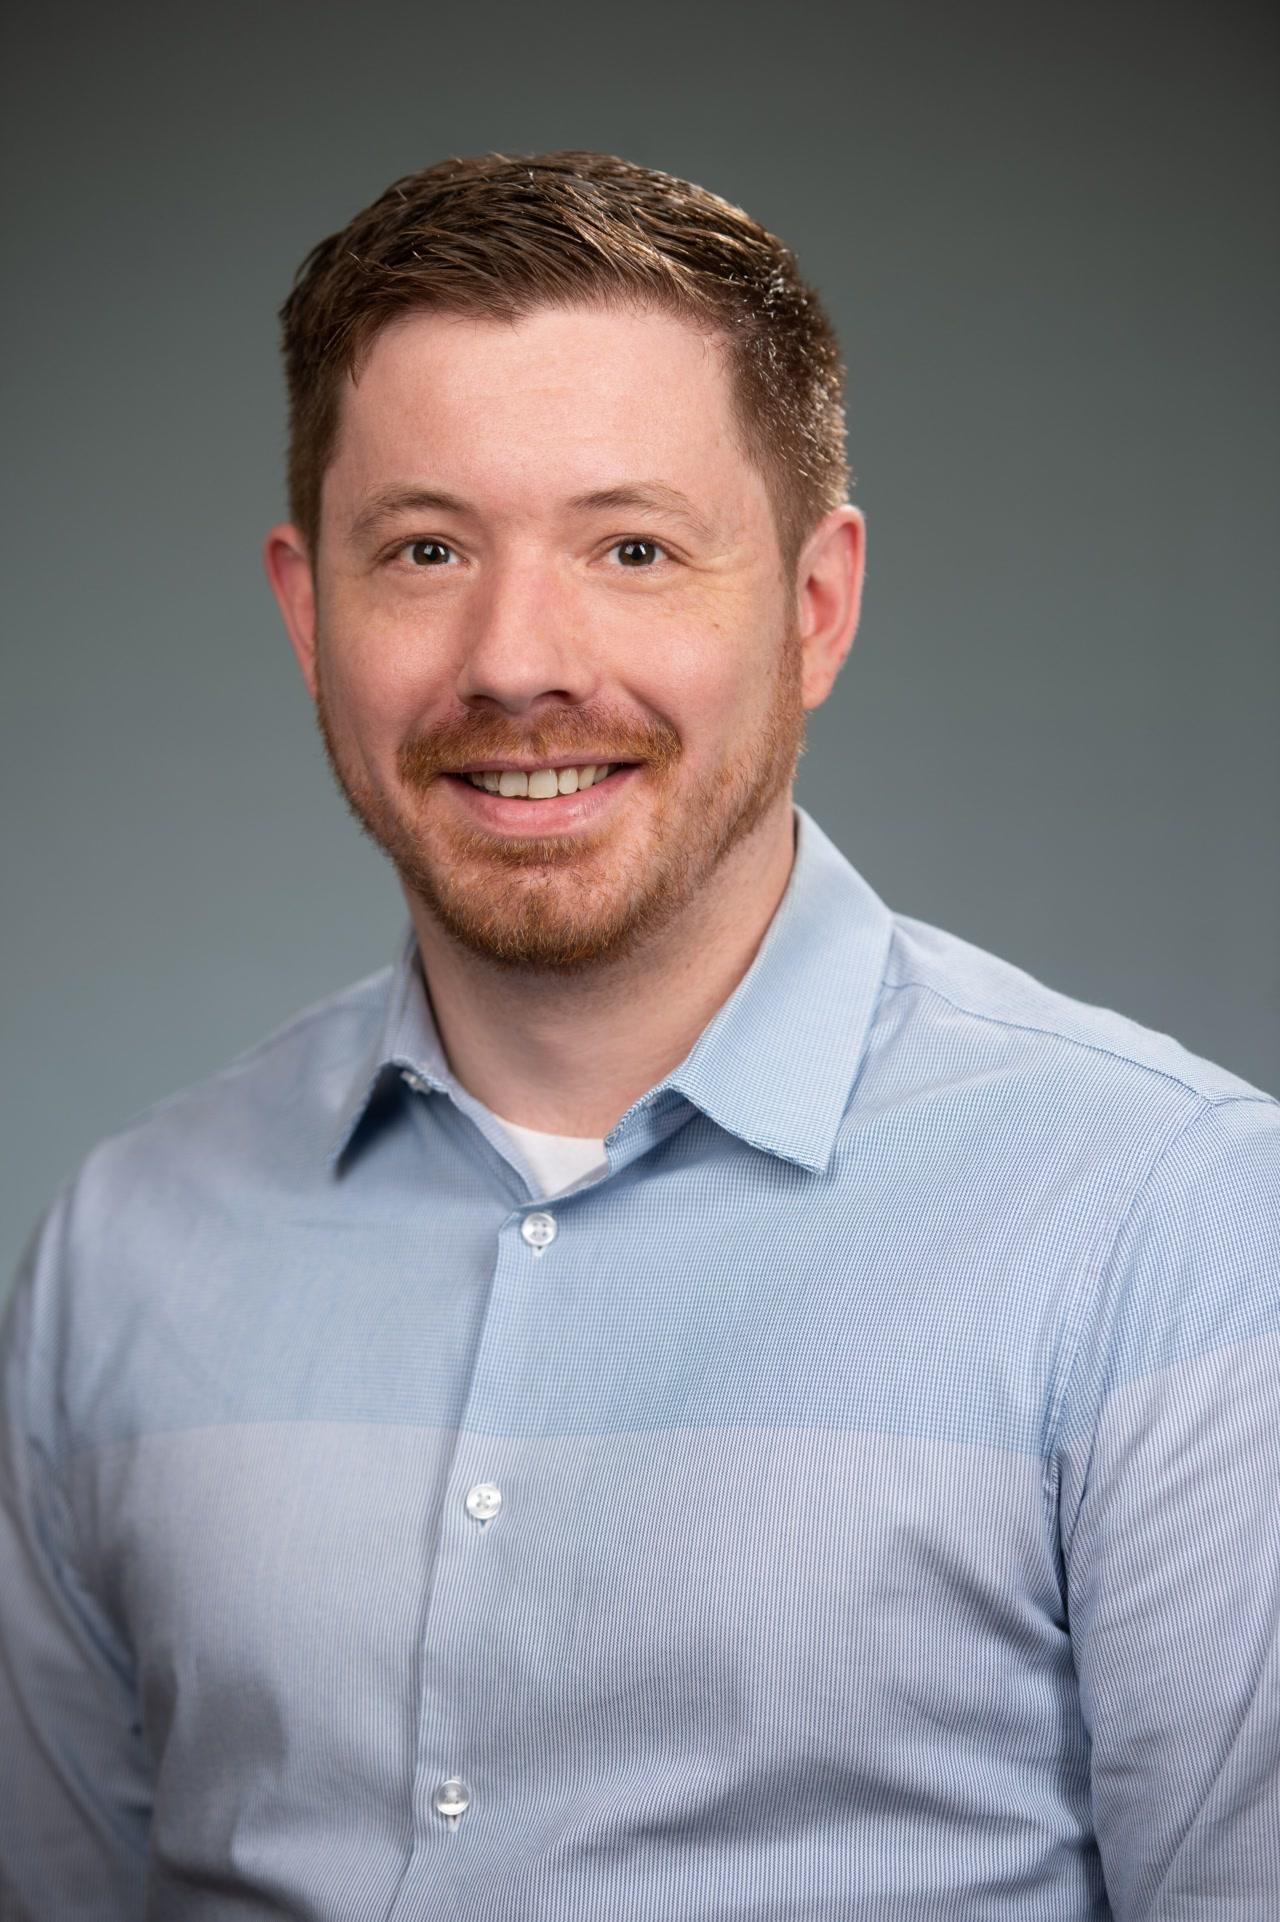 Steve Graber portrait